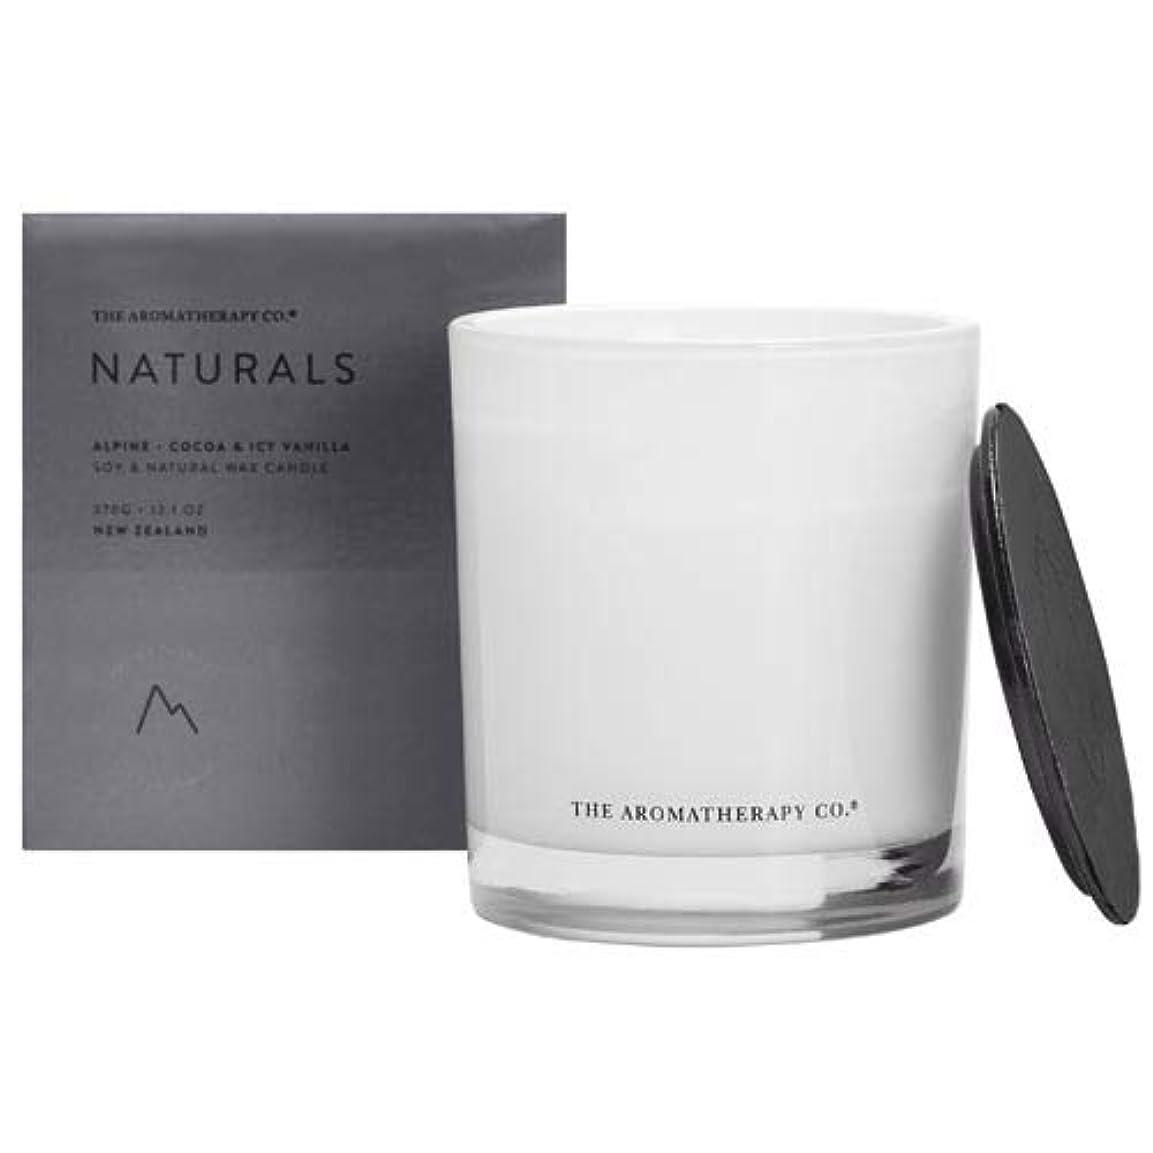 首相自信がある相対性理論アロマセラピーカンパニー(Aromatherapy Company) new NATURALS ナチュラルズ Candle キャンドル Alpine アルパイン(山) Cocoa & Icy Vanilla ココア&アイシーバニラ